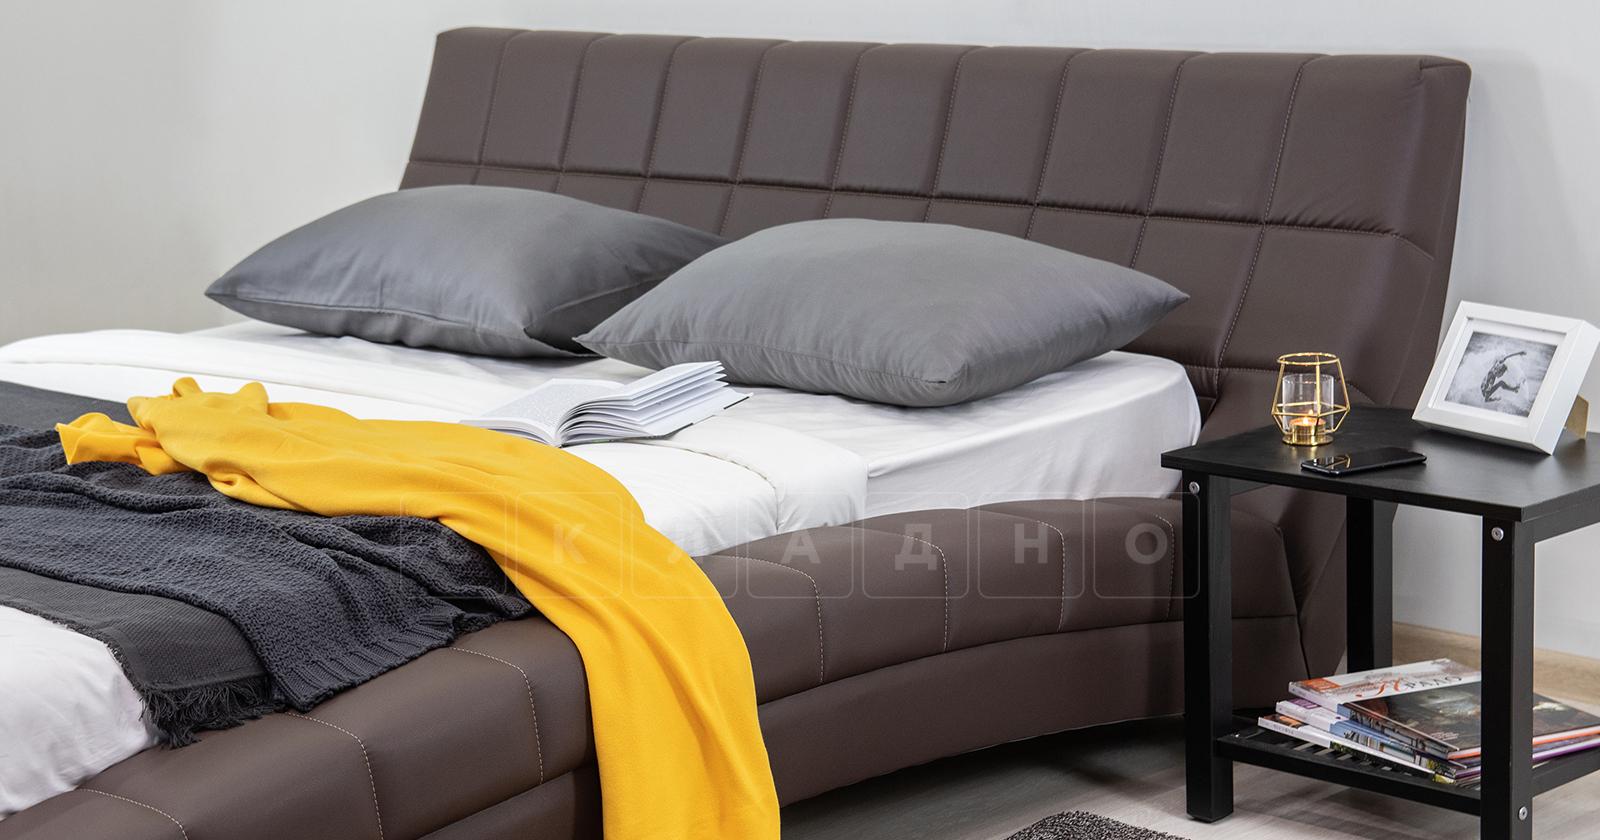 Мягкая кровать Оливия 160 см экокожа шоколад фото 9 | интернет-магазин Складно